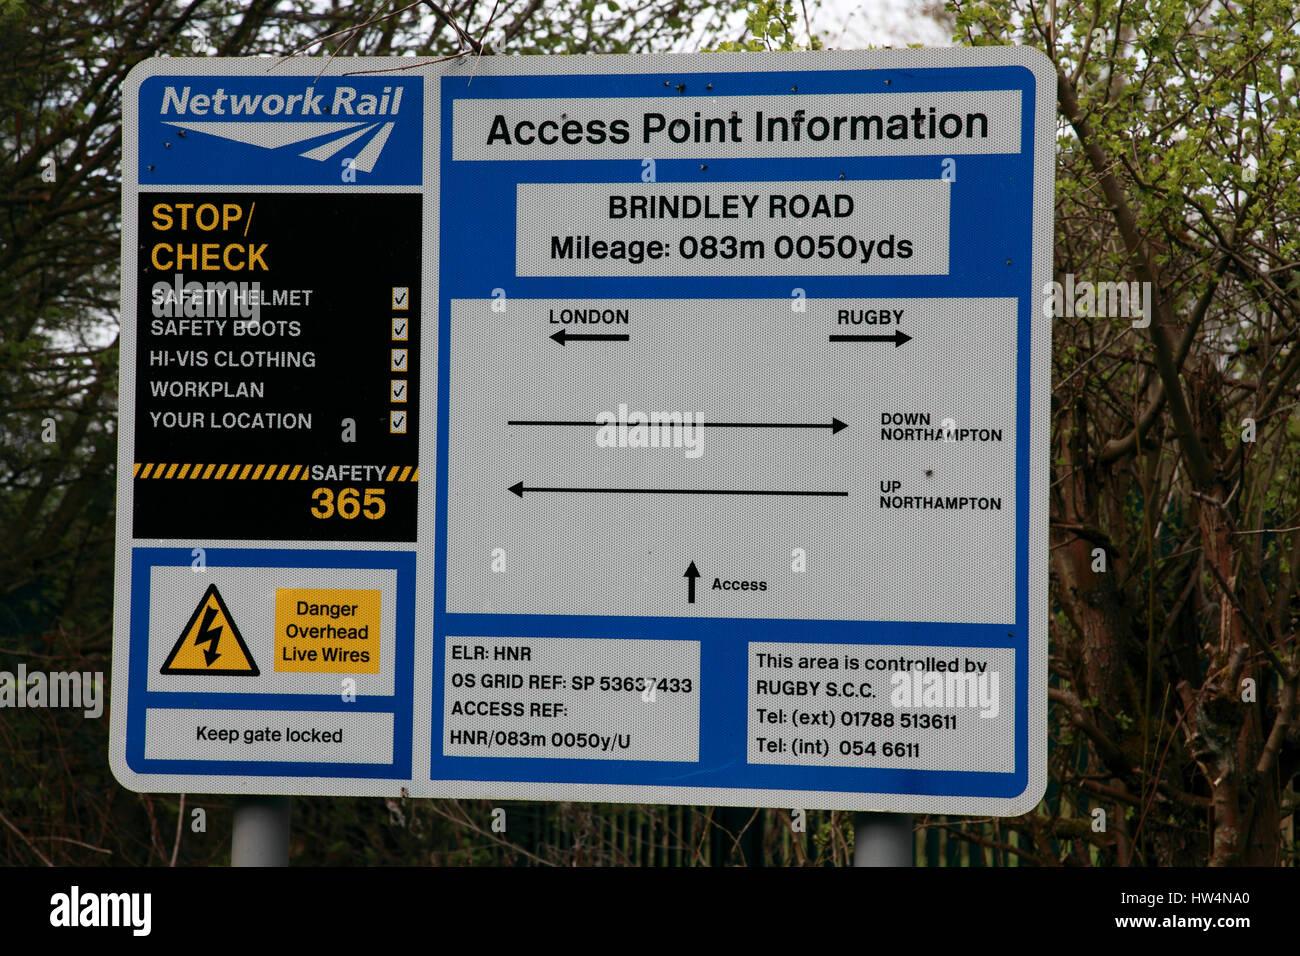 Una red de información del punto de acceso ferroviario firmar junto a un bajo puente llevando el ferrocarril Imagen De Stock